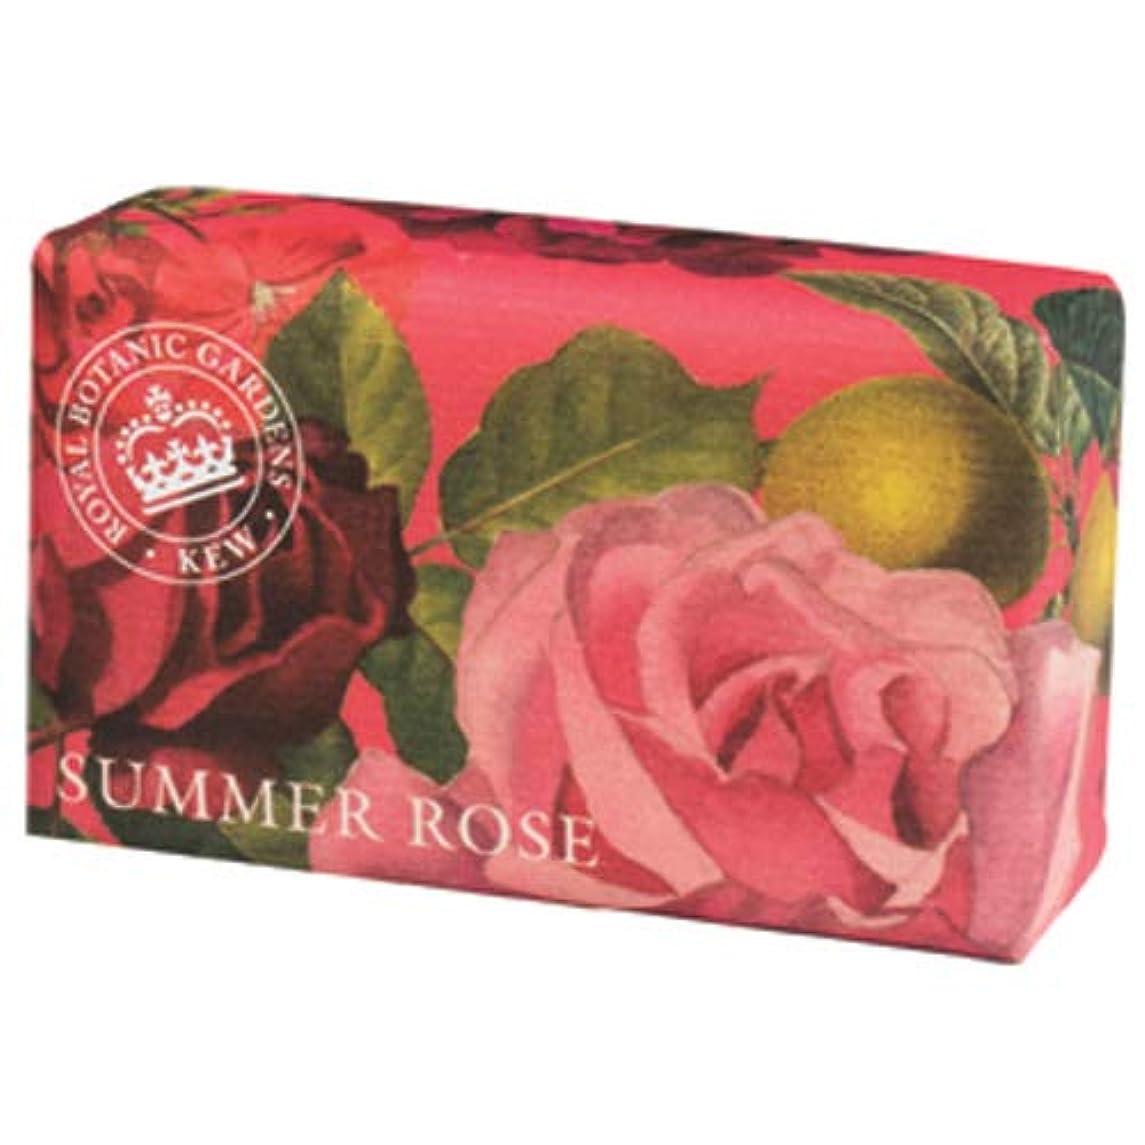 実現可能性トランザクション生物学三和トレーディング English Soap Company イングリッシュソープカンパニー KEW GARDEN キュー・ガーデン Luxury Shea Soaps シアソープ Summer Rose サマーローズ